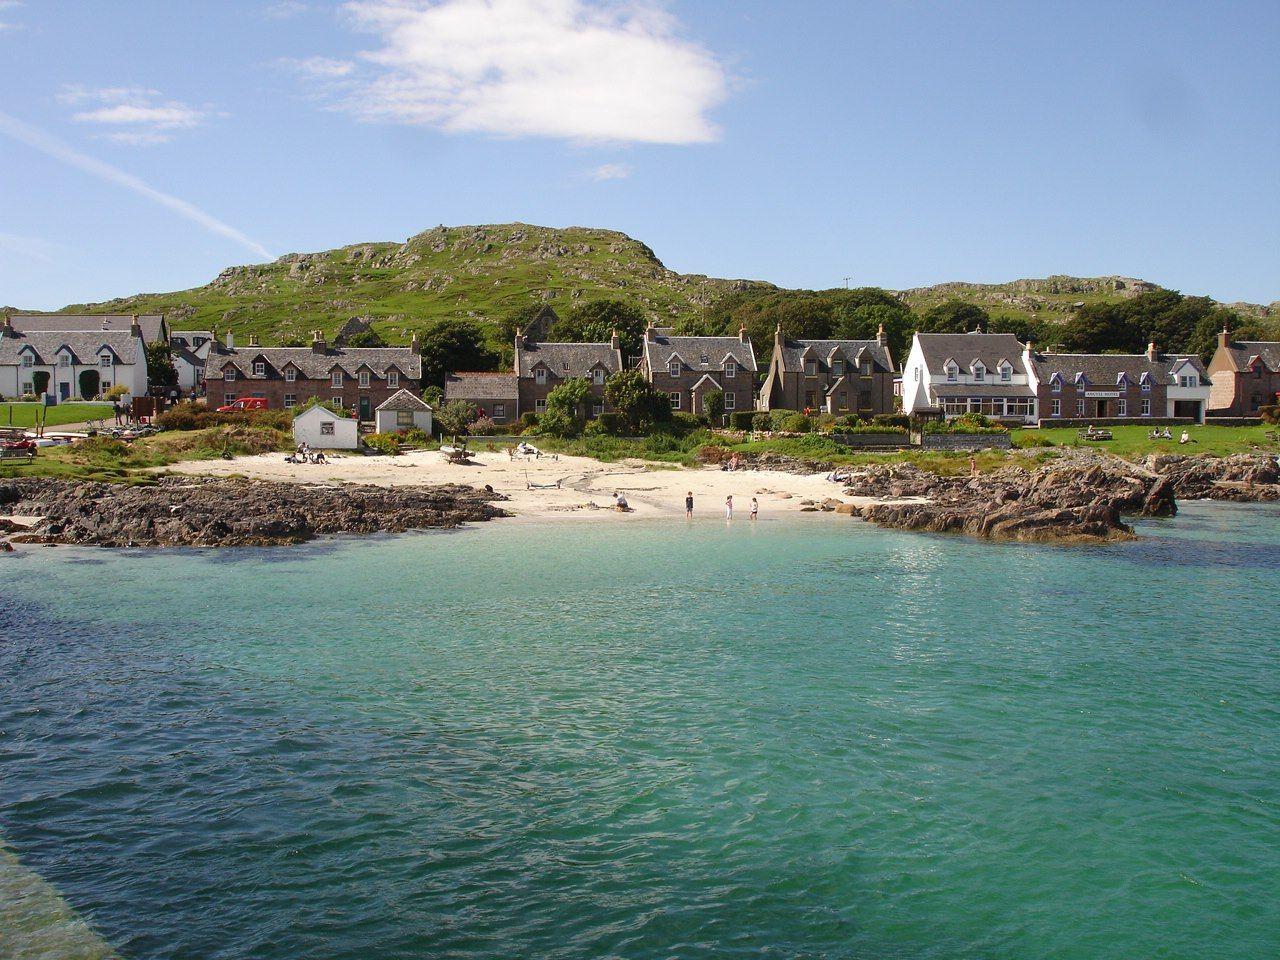 Mentale notitie: Bezoek minstens 1 van de vele prachtige eilanden van Schotland.